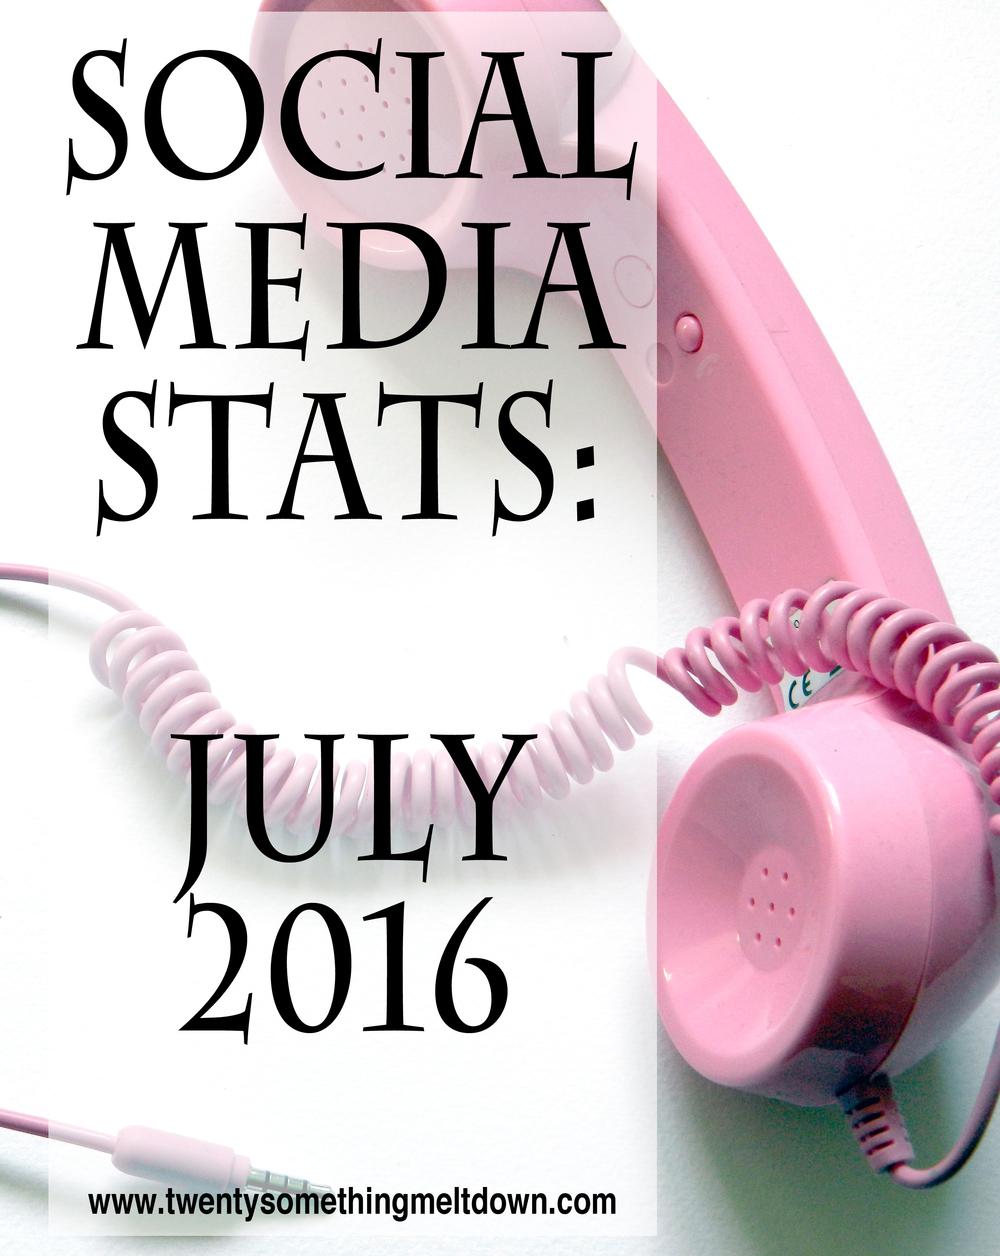 Social Media Stats - July 2016.